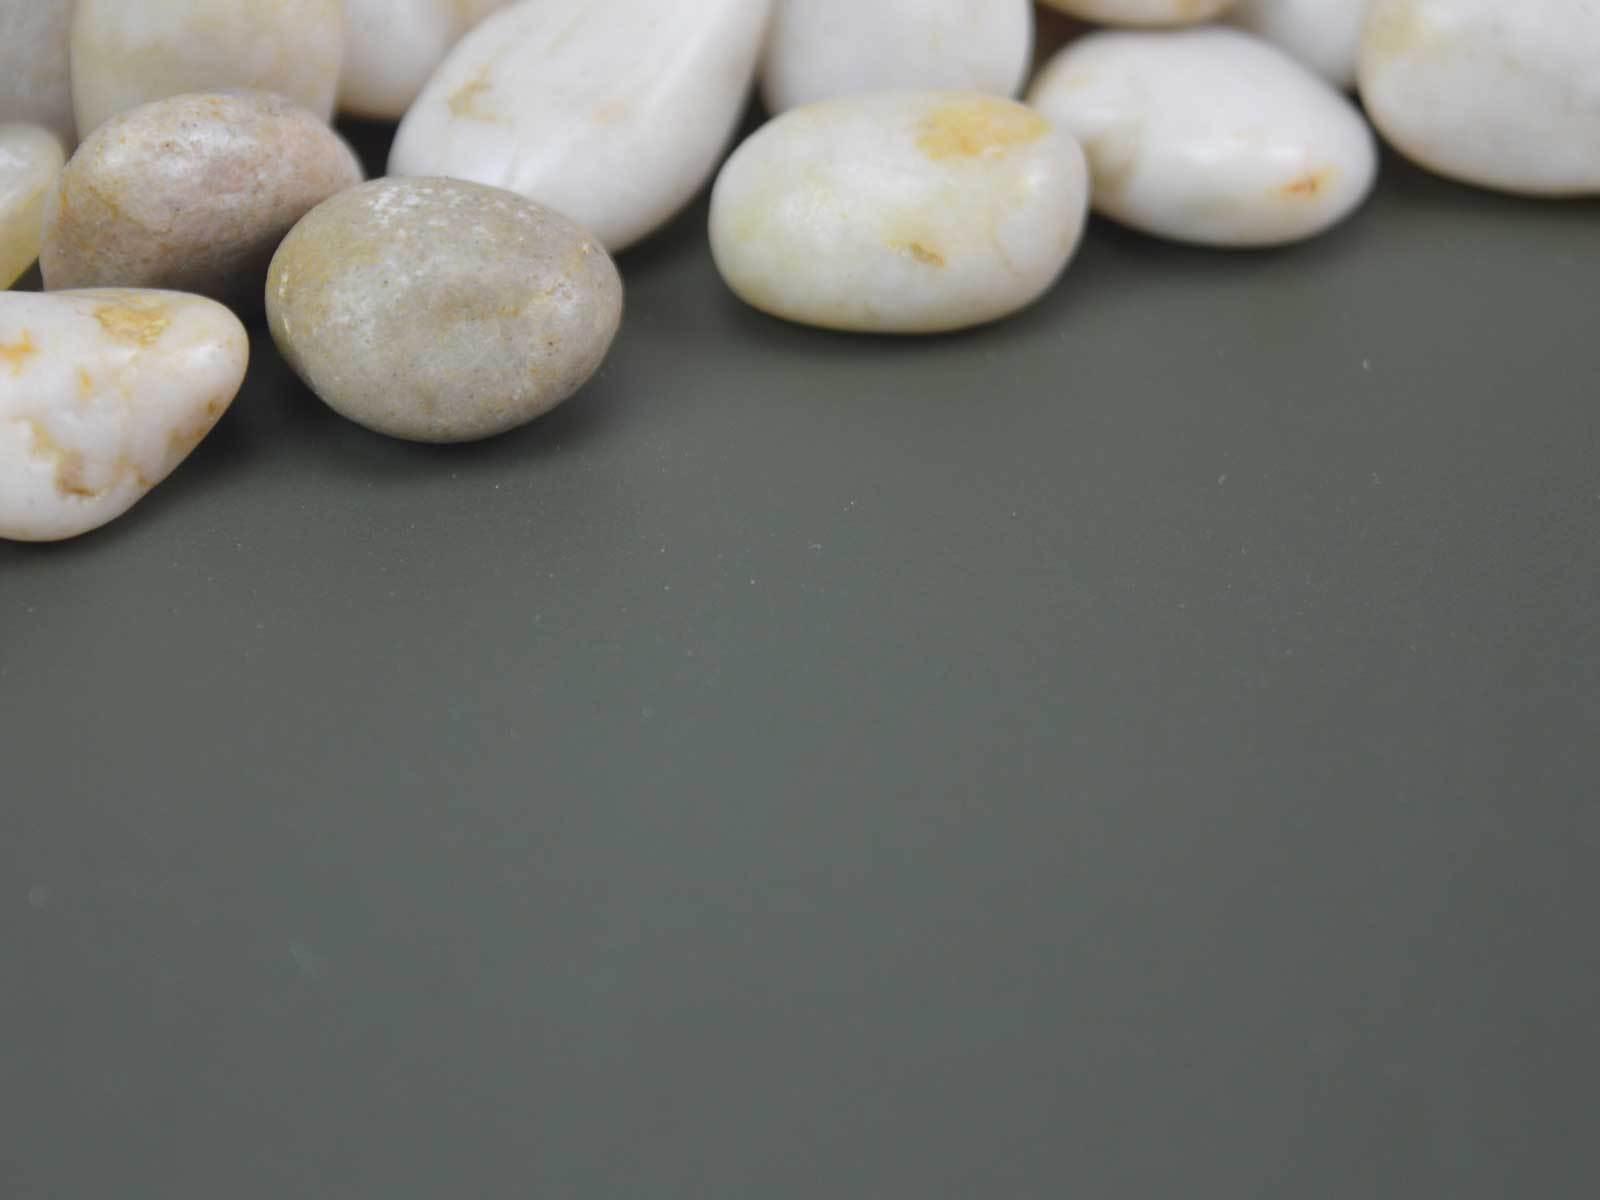 m² Teichfolie Profi PVC 1,0mm Oliv 10 x 5 m Koi Teich Folie Olivgrün 1mm